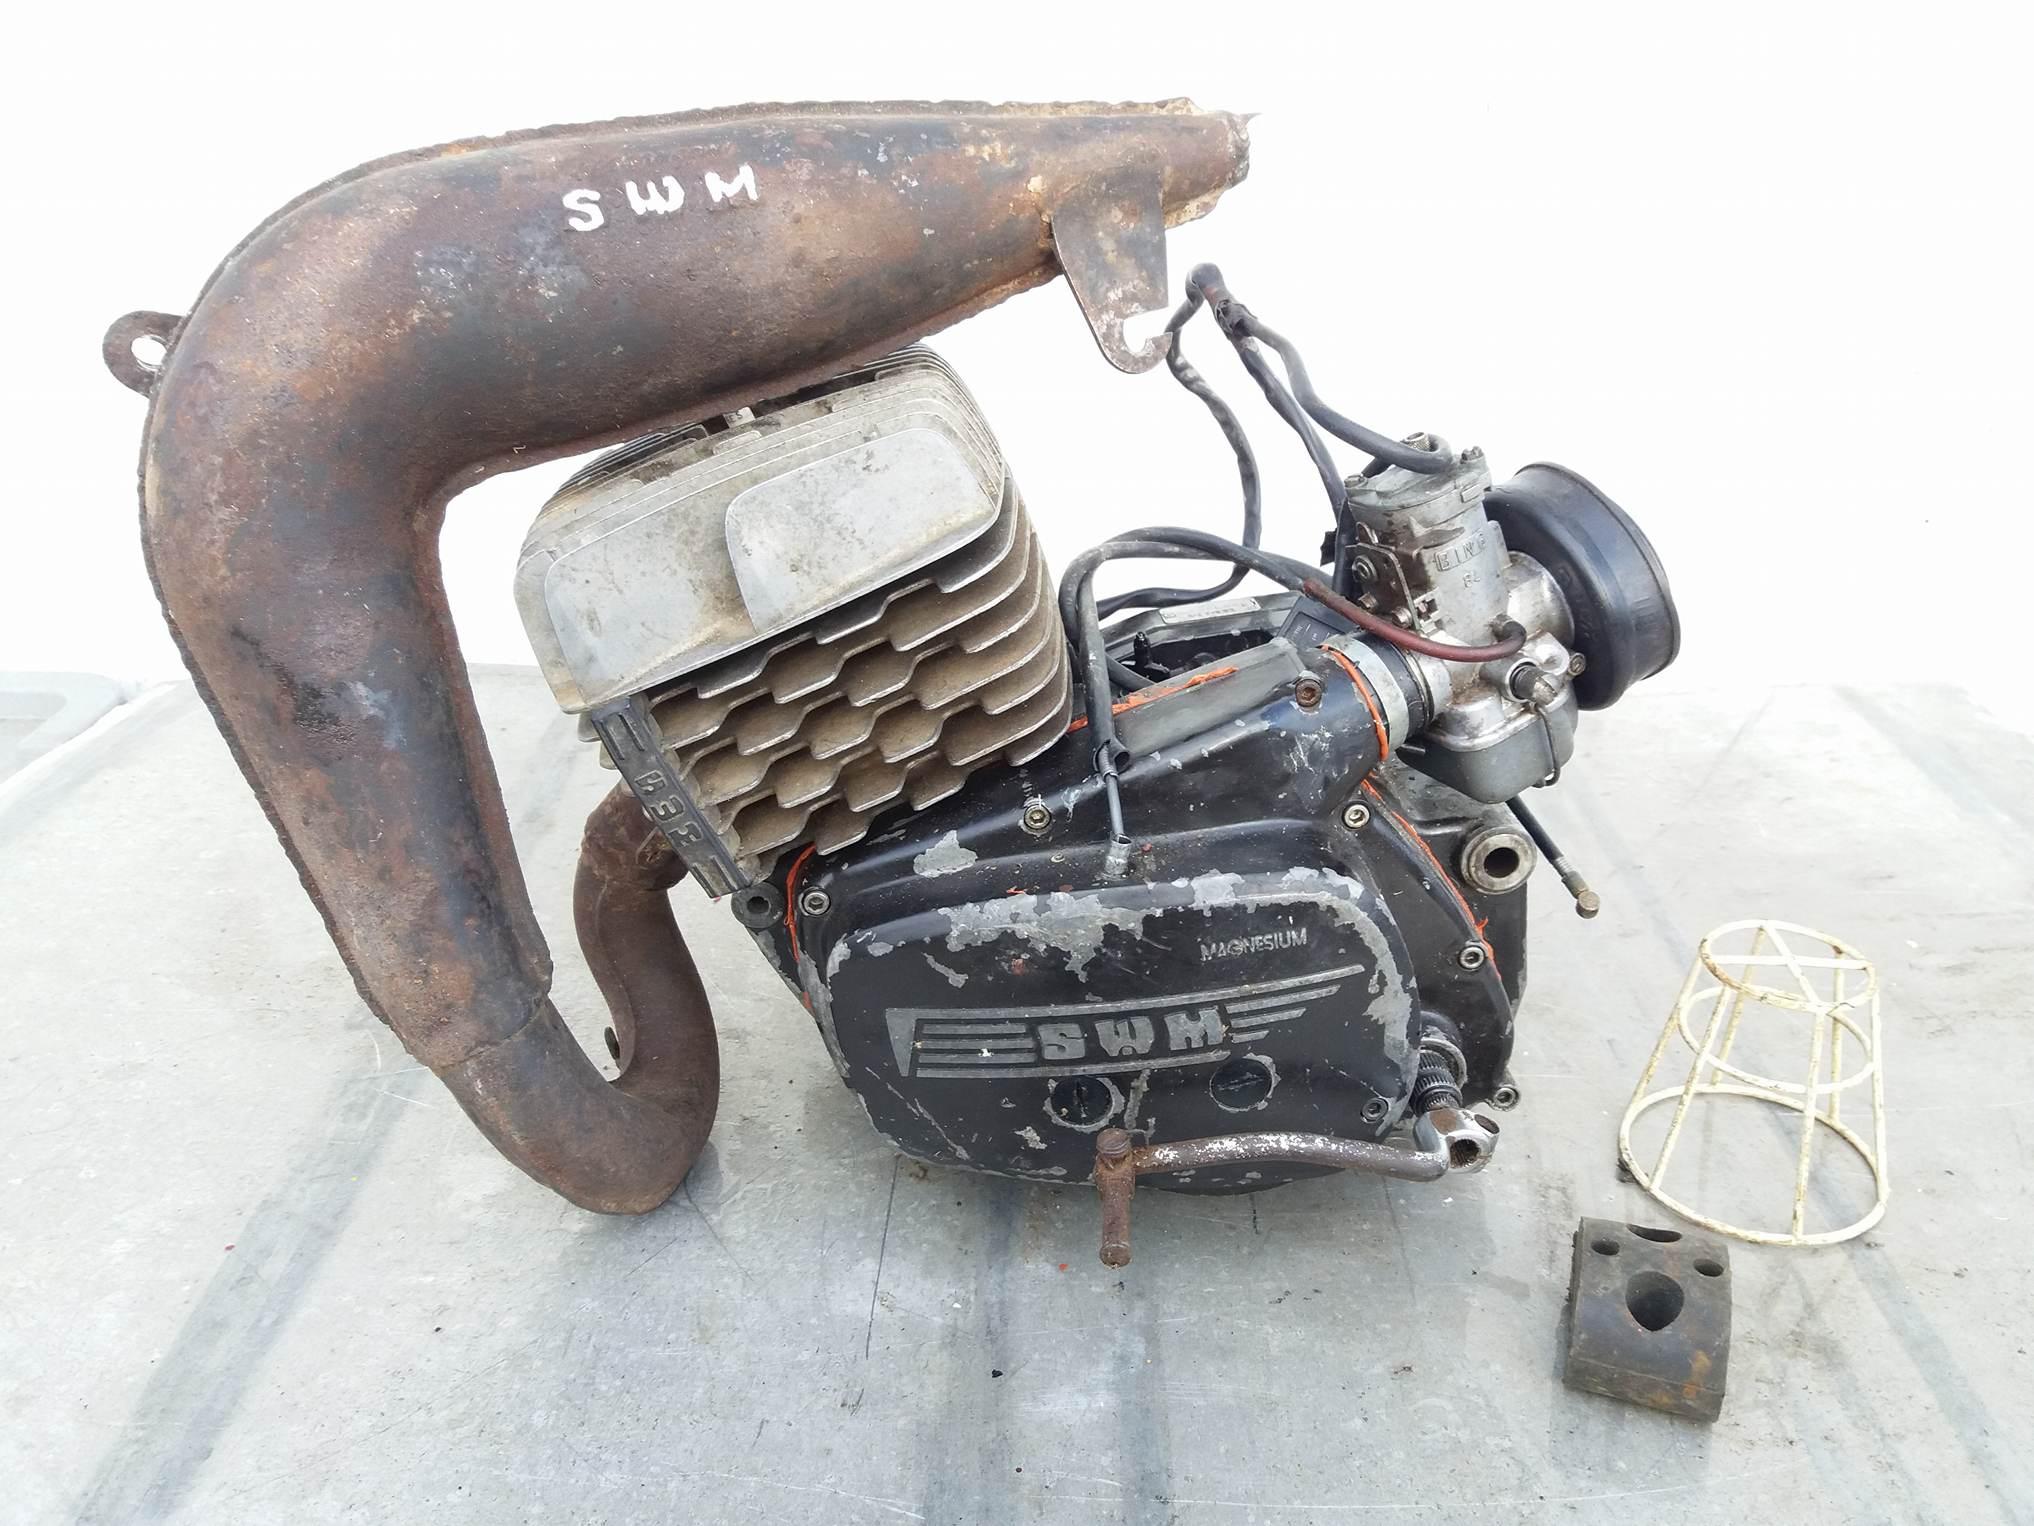 Blocco motore swm 125